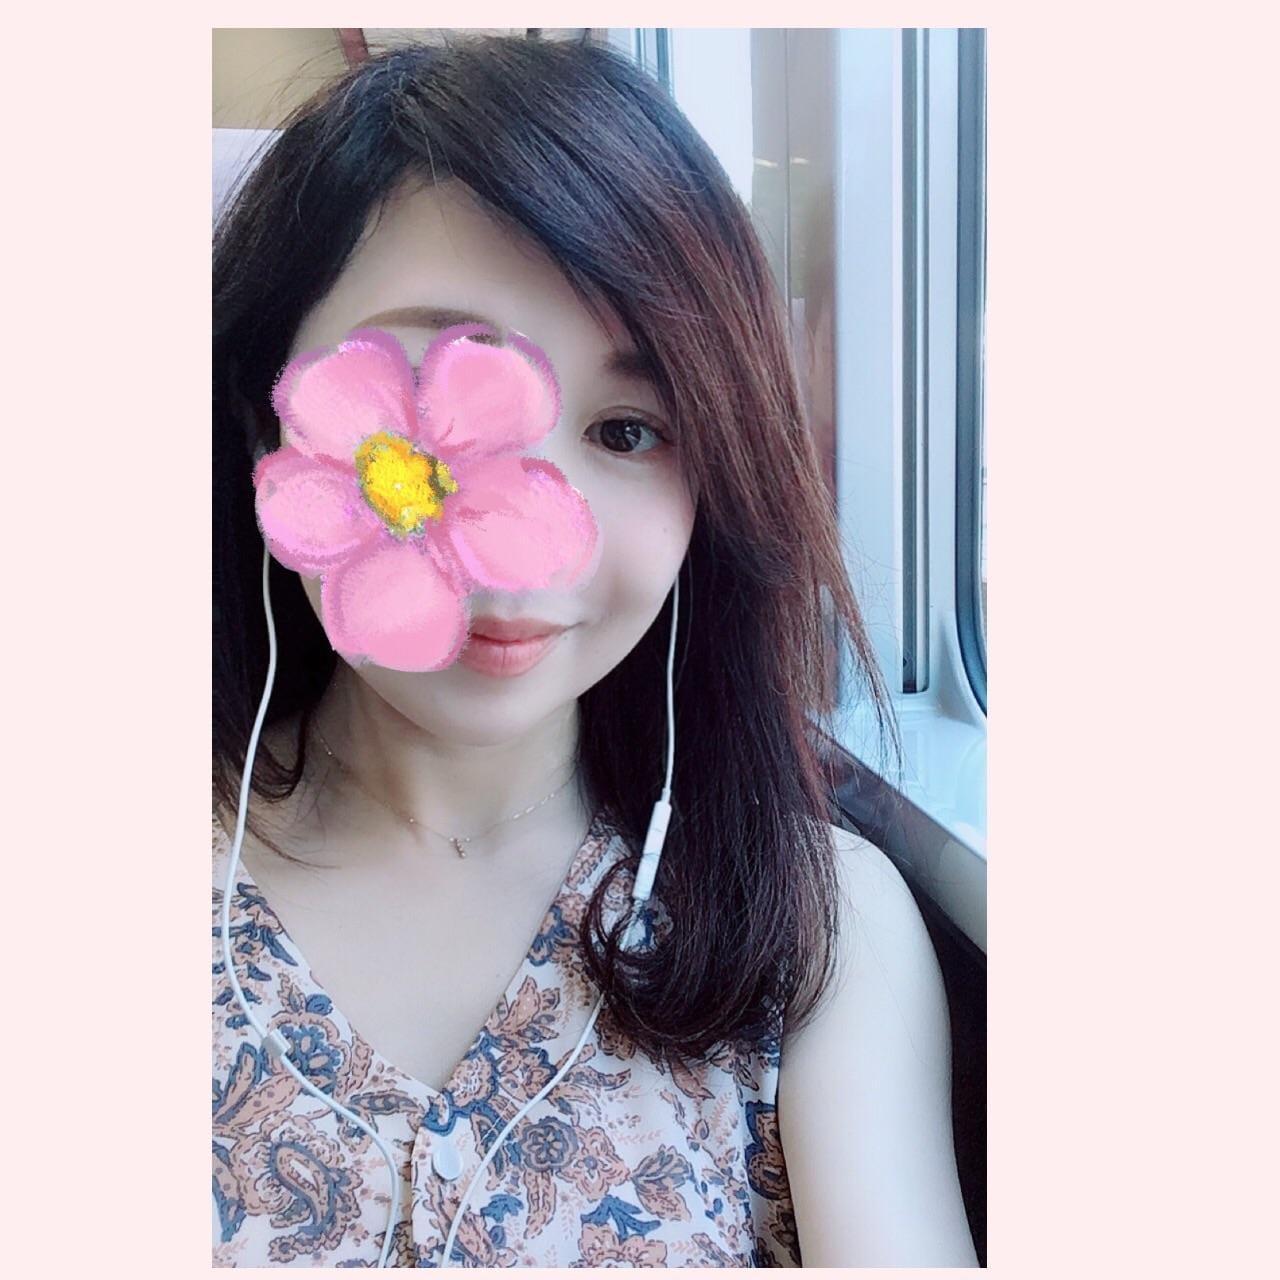 「こんにちは♪」06/26(06/26) 16:01   優木の写メ・風俗動画